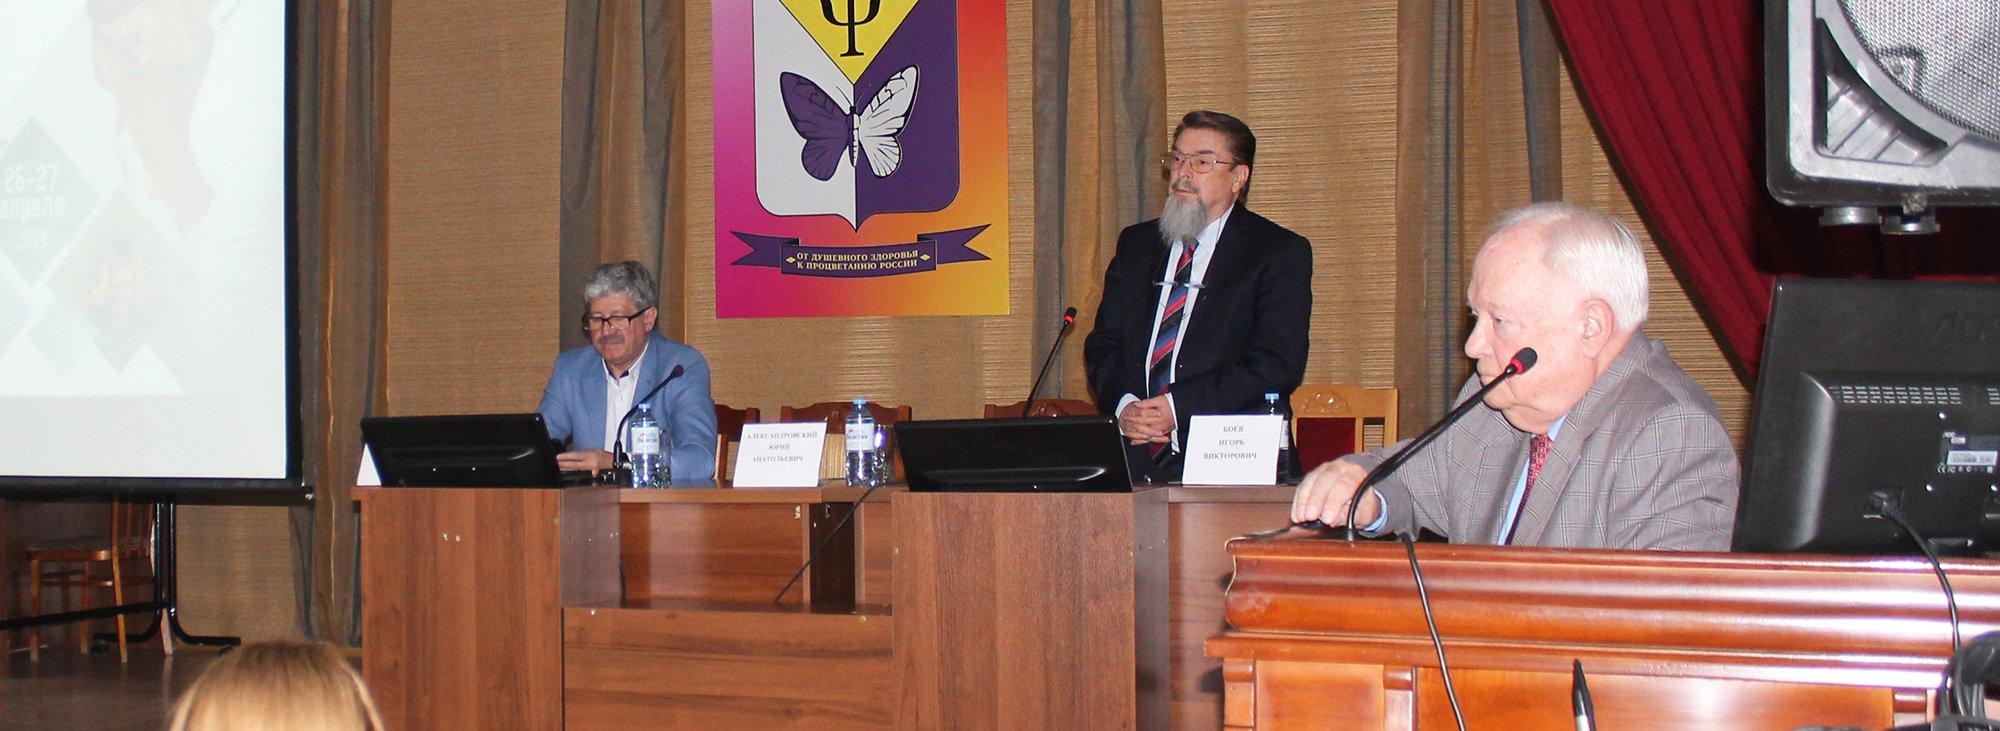 Плеяда звезд психиатрии провела конференцию в Ставрополе